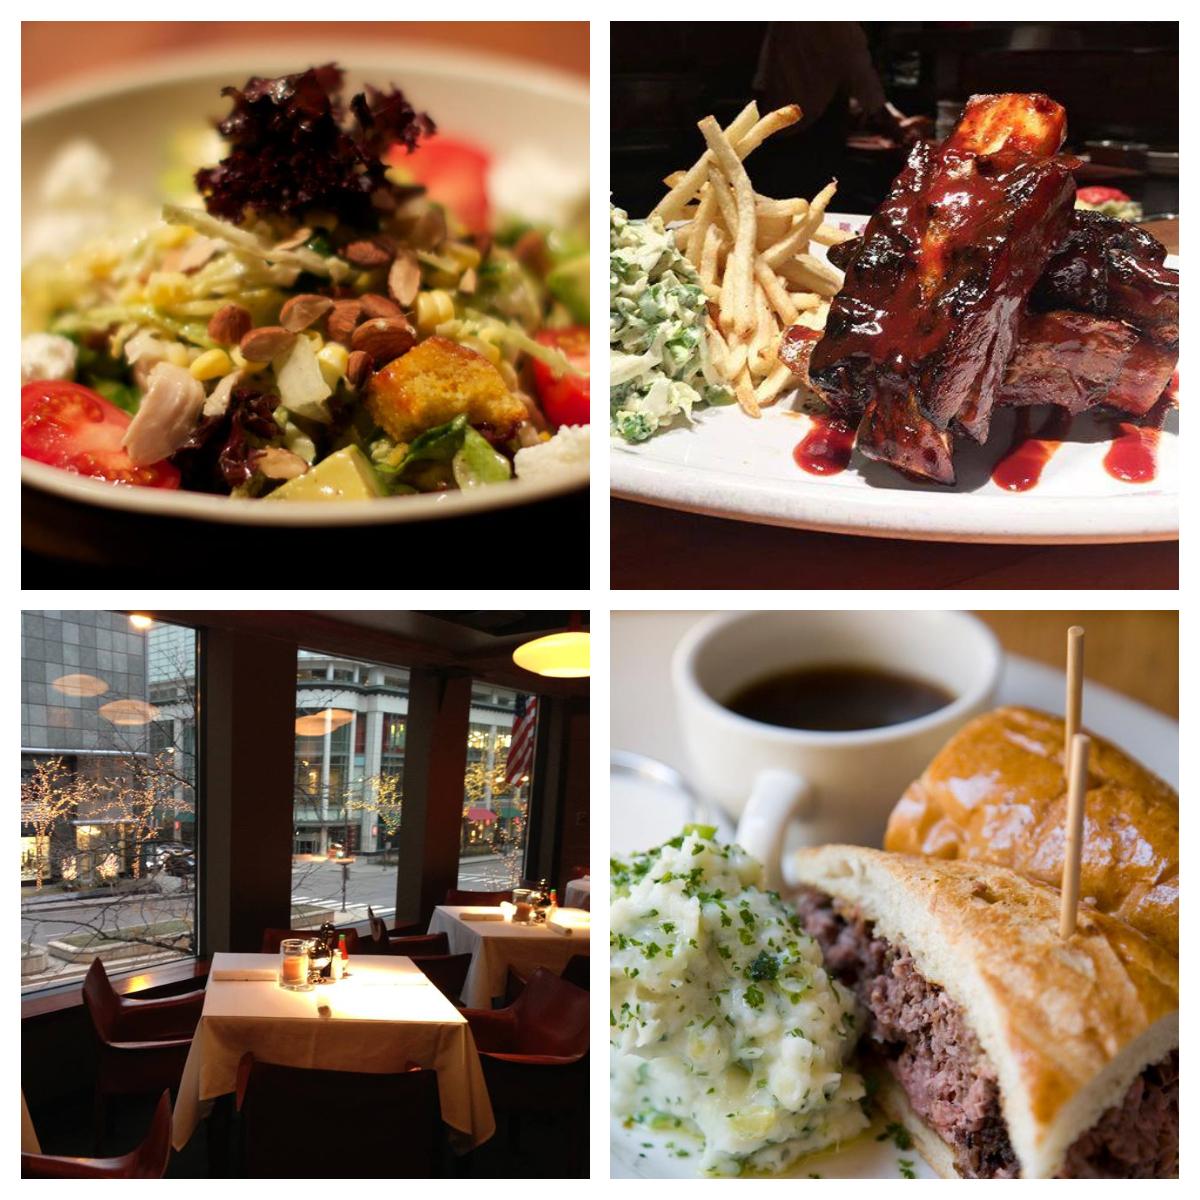 Dónde comer en Chicago Two Restaurant & Bar